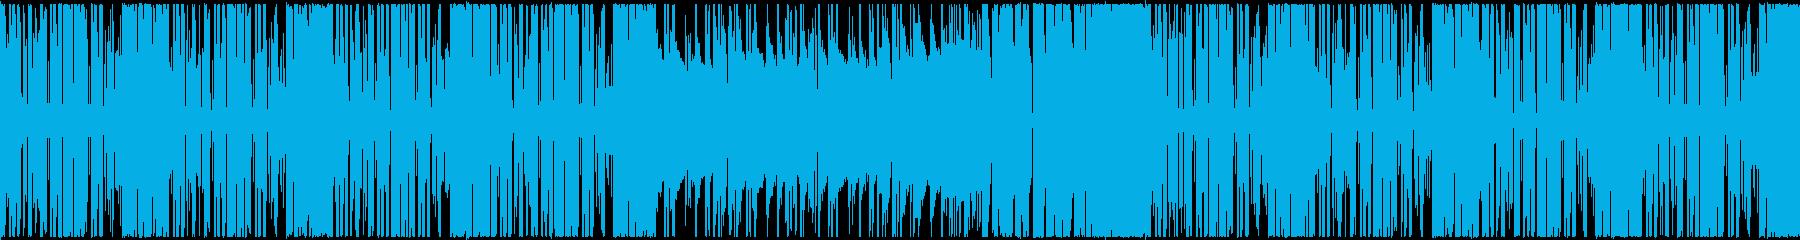 【ループ対応】シンプル明るいポップEDMの再生済みの波形